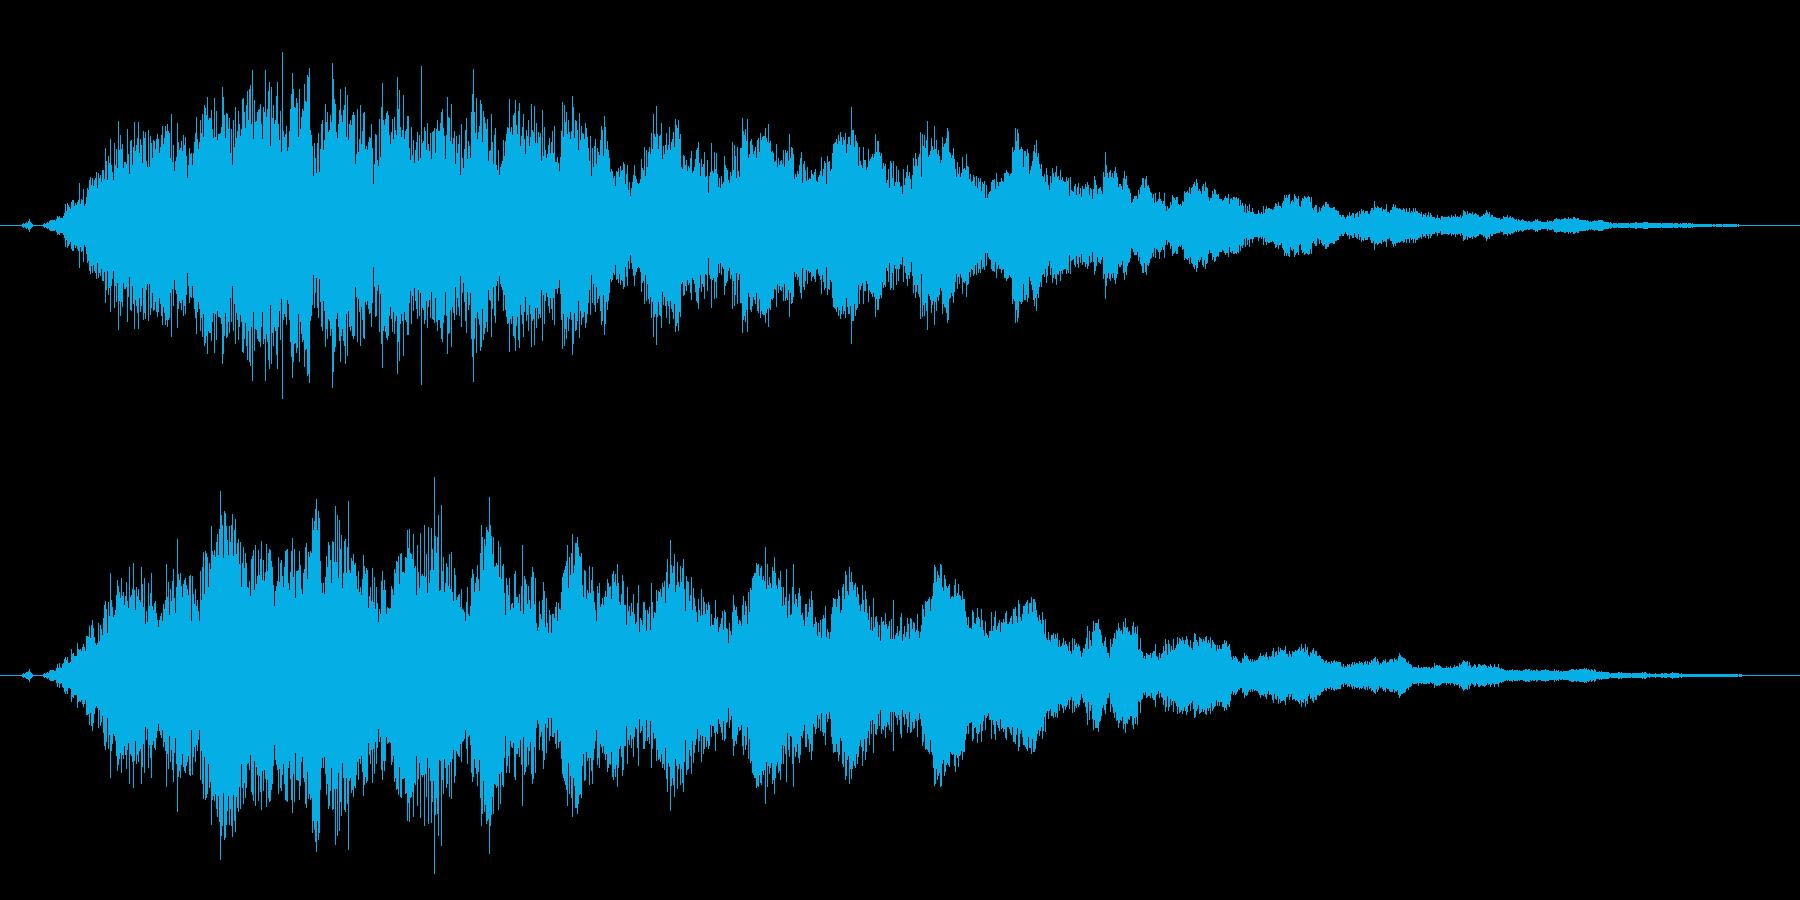 キラーン!魔法、星、流星、光などに最適4の再生済みの波形